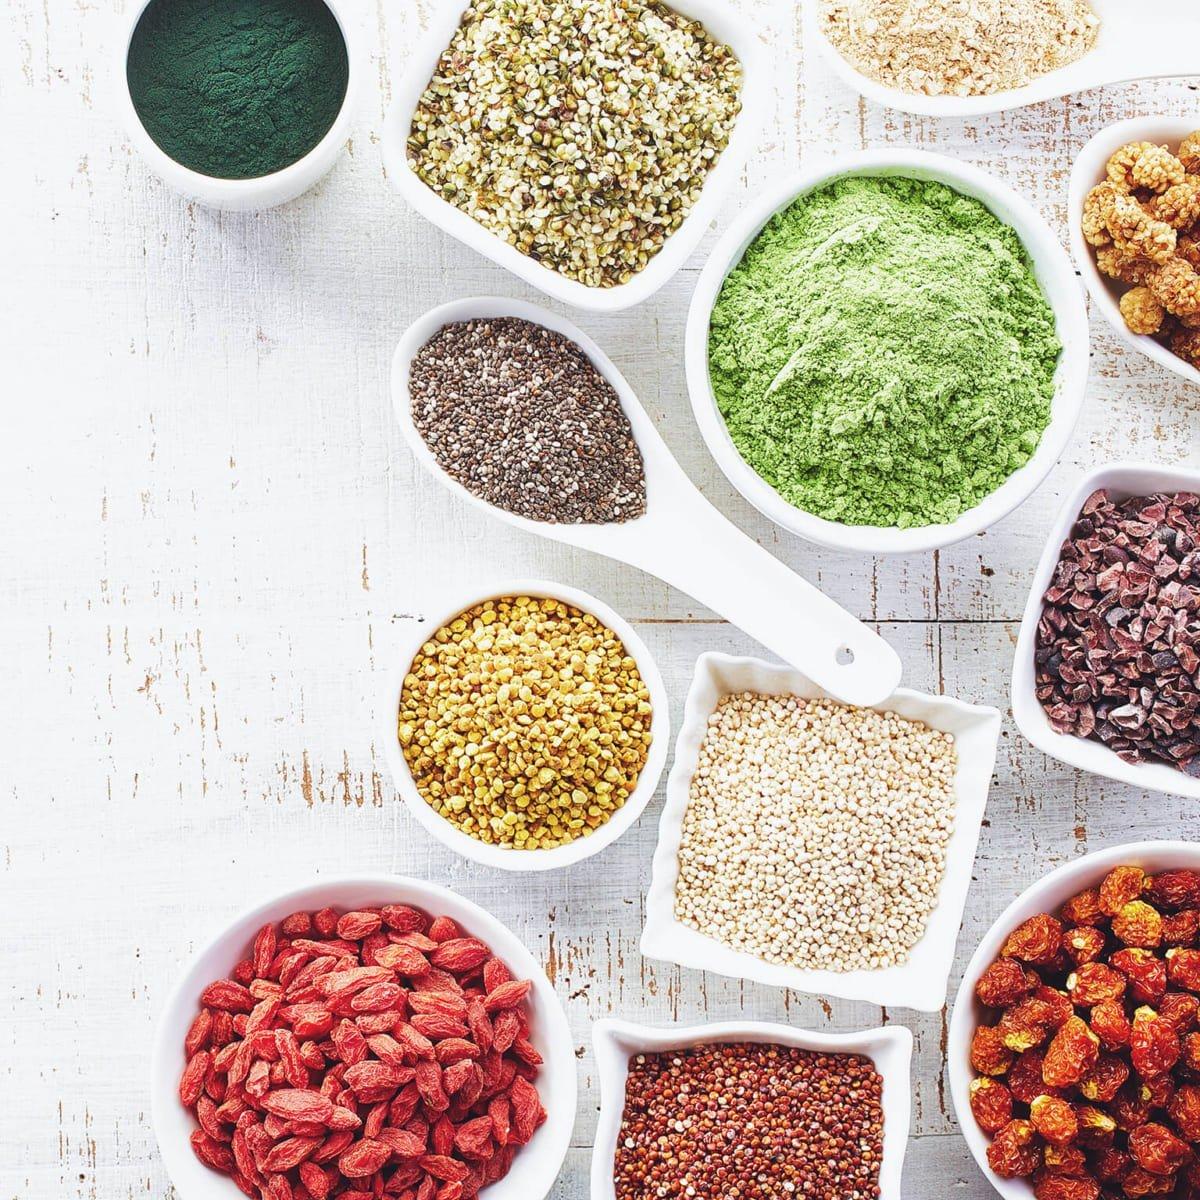 Bột ngũ cốc làm từ các loại hạt giàu chát dinh dưỡng